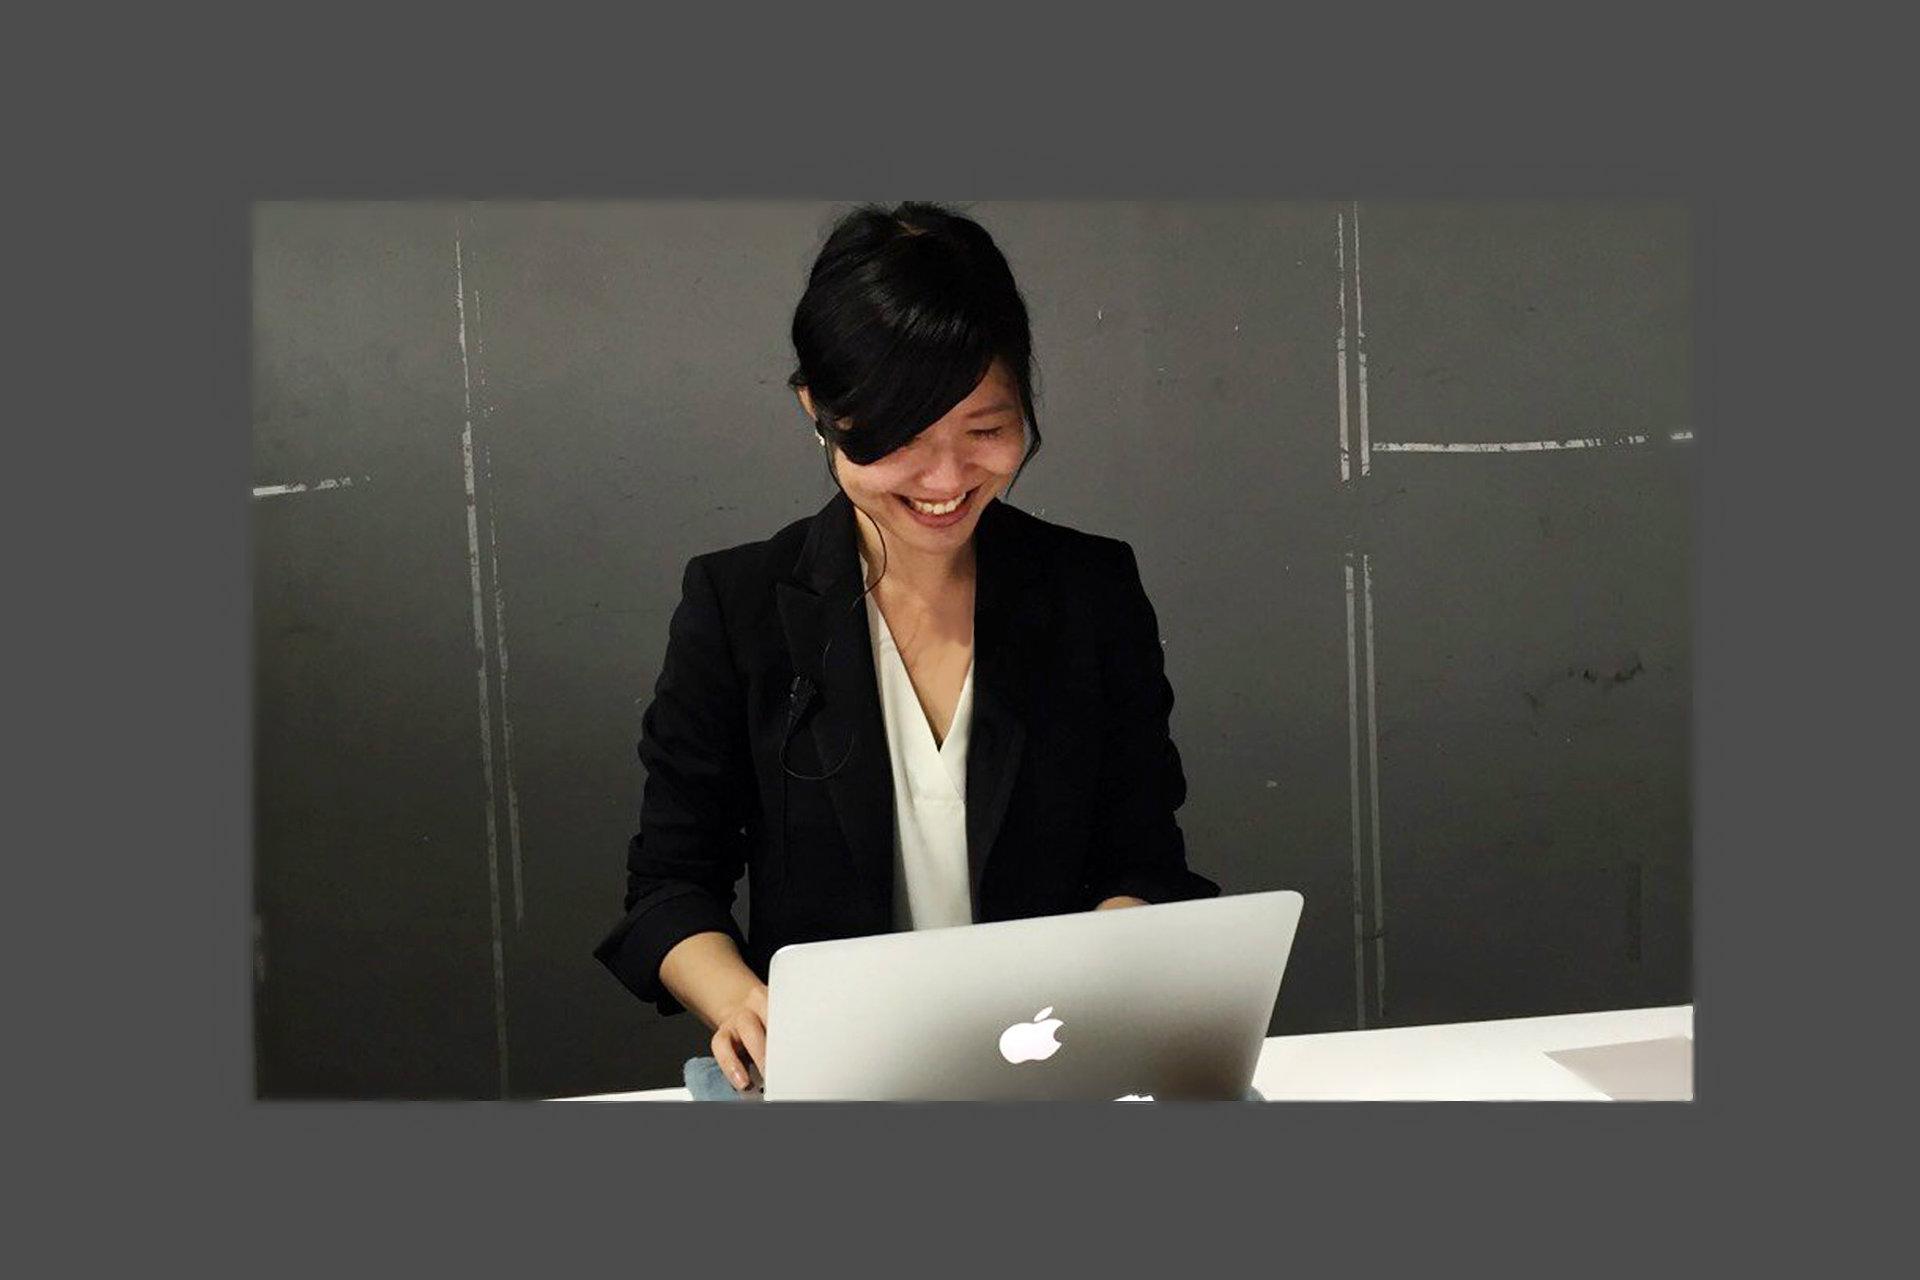 日本職場菜鳥的百科全書《台灣女生的東京職場觀察筆記》